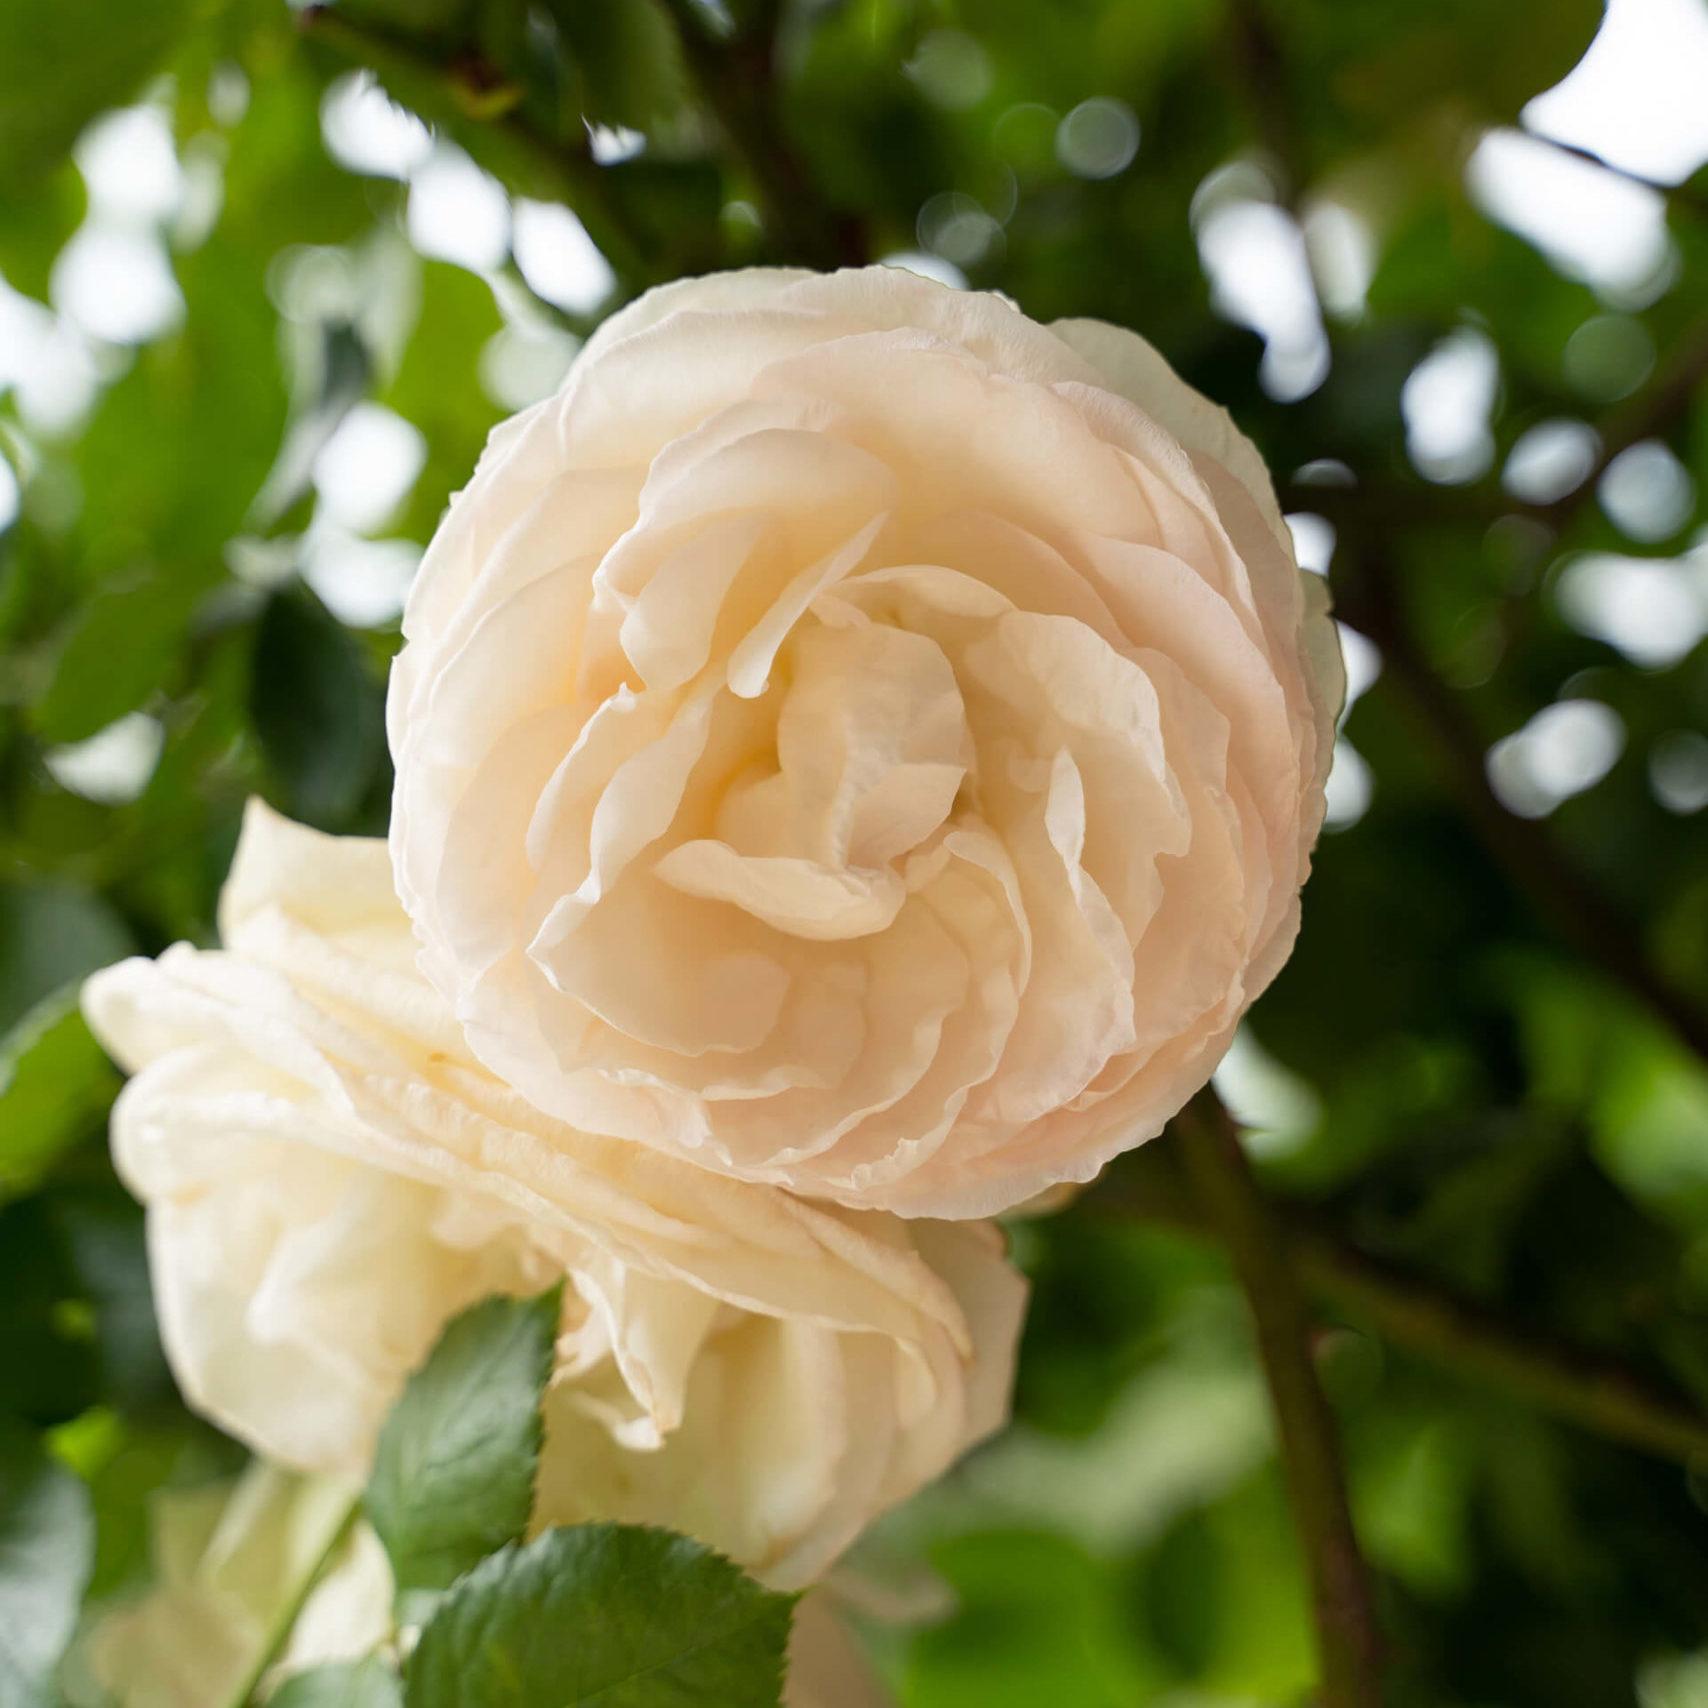 Agri Segretum Rose